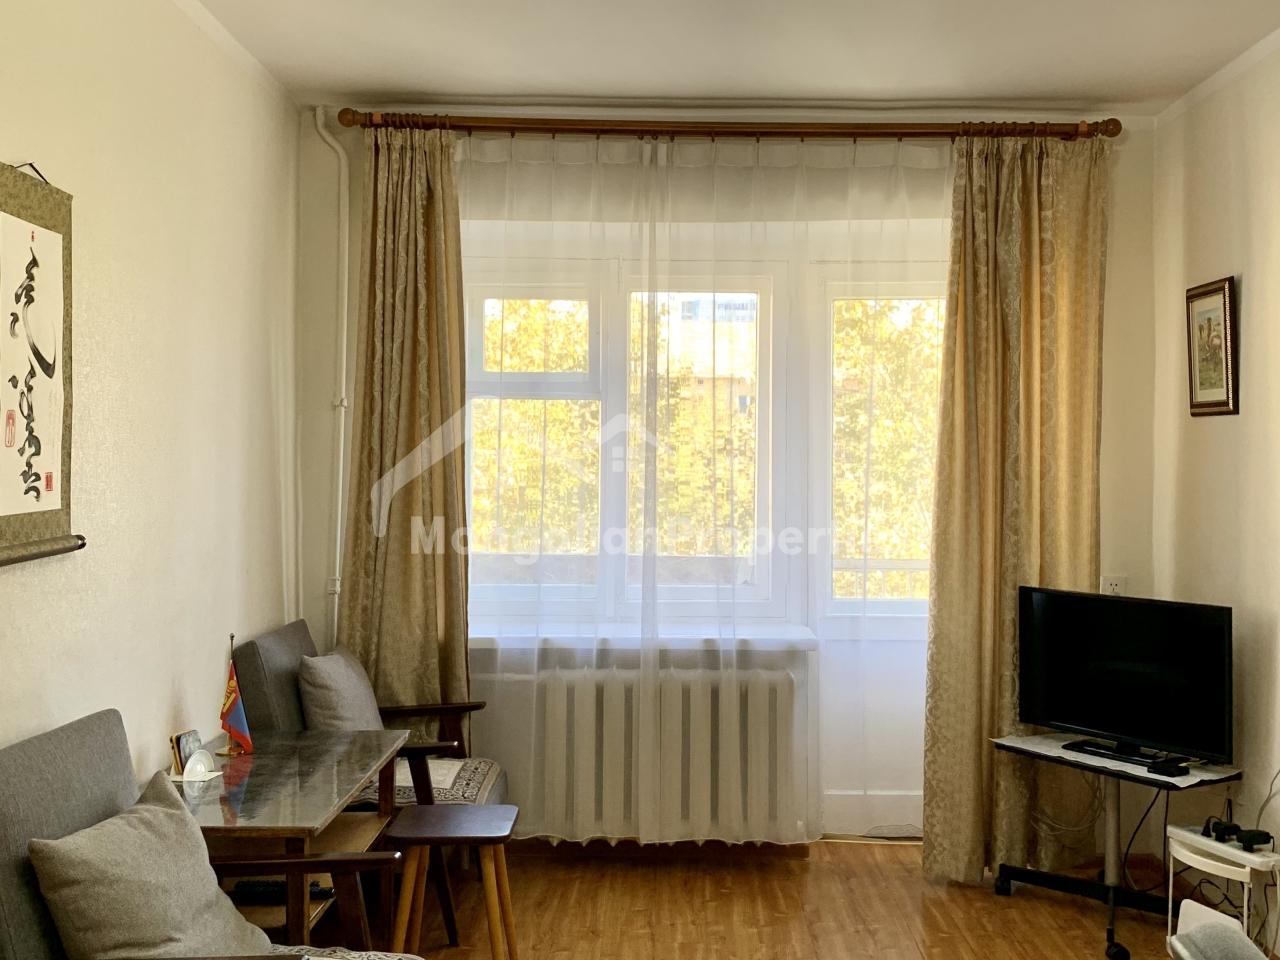 For rent: Fully furnished, 1 bedroom apartment at behind Mungun zaviya